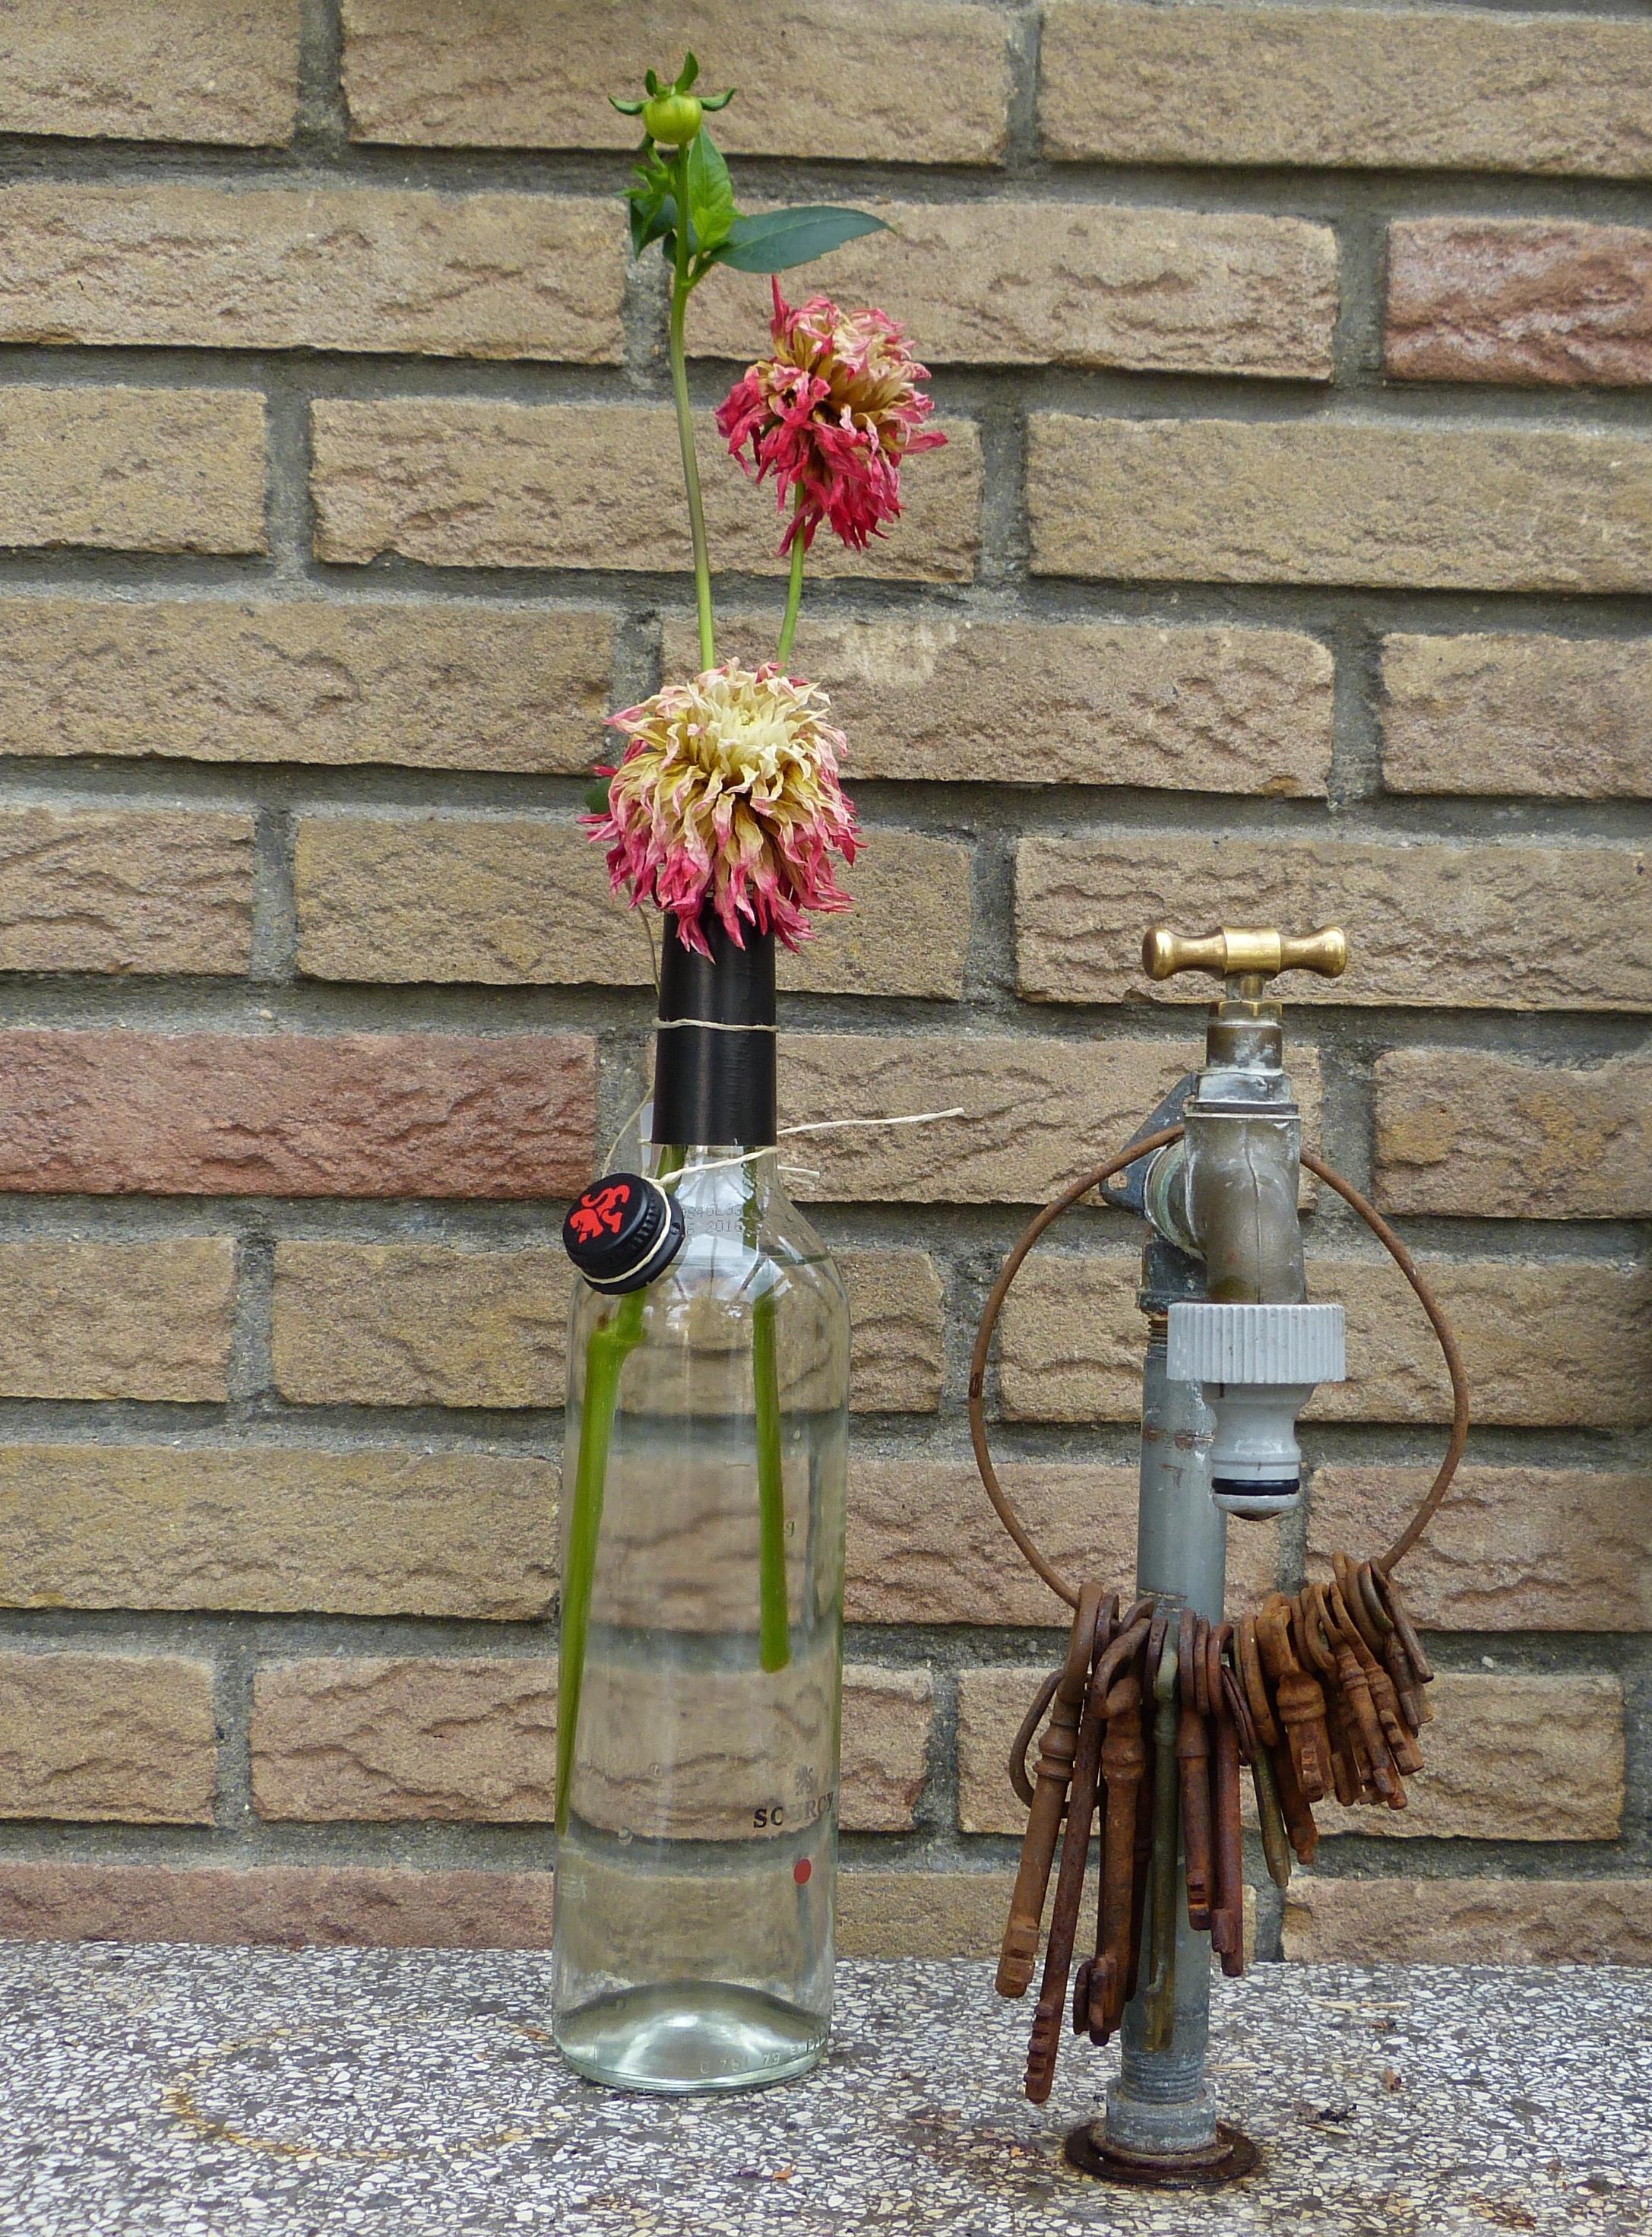 op-mix-erf-bloemen-en-planten-wendy-phaff-ingedroogde-dahlias